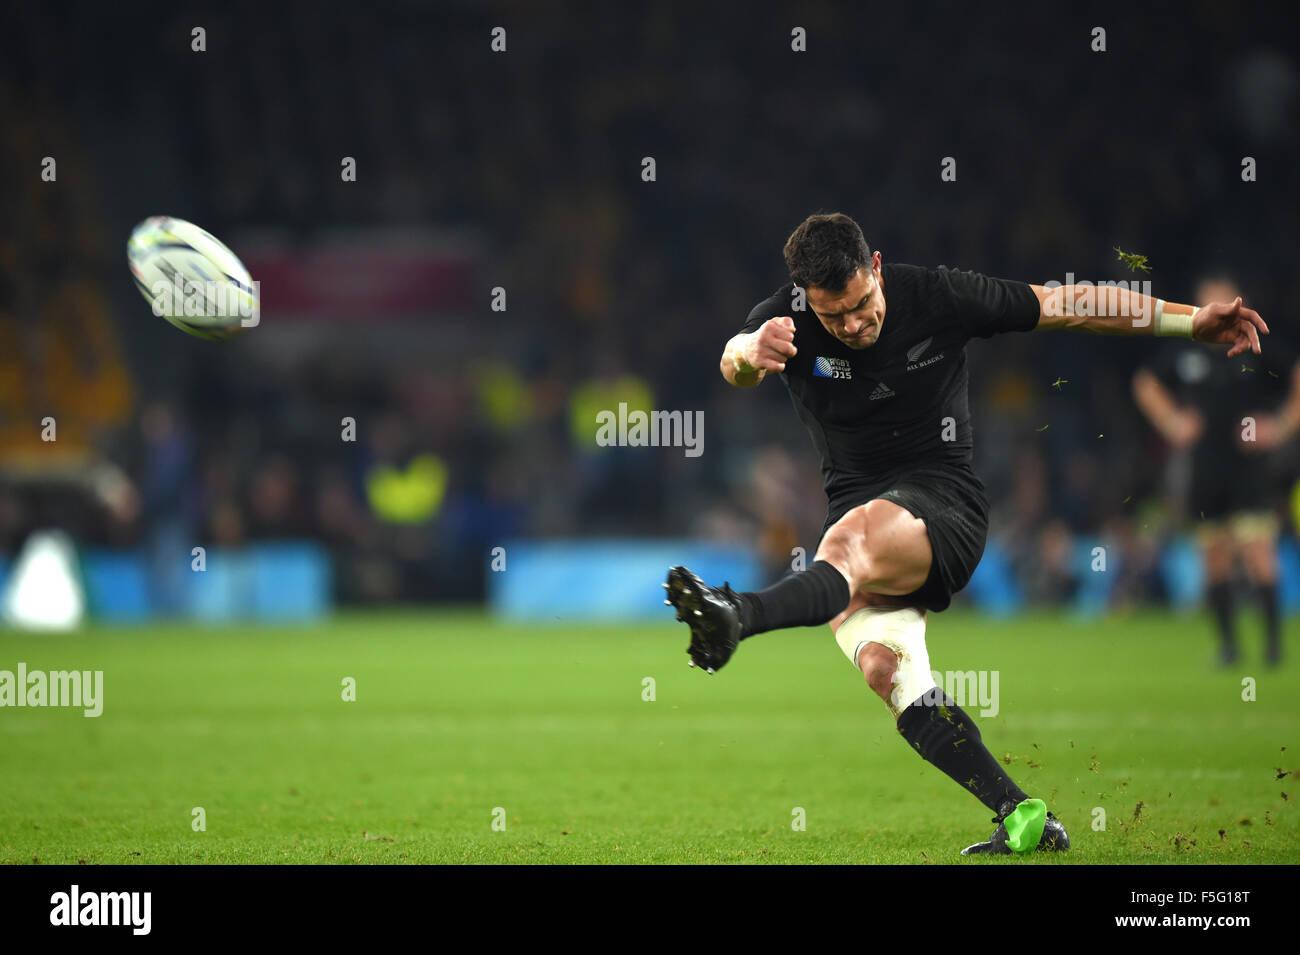 Londra, Regno Unito. 31 ott 2015. Dan Carter (NZL) Rugby : Dan Carter della Nuova Zelanda prende un kick durante Immagini Stock